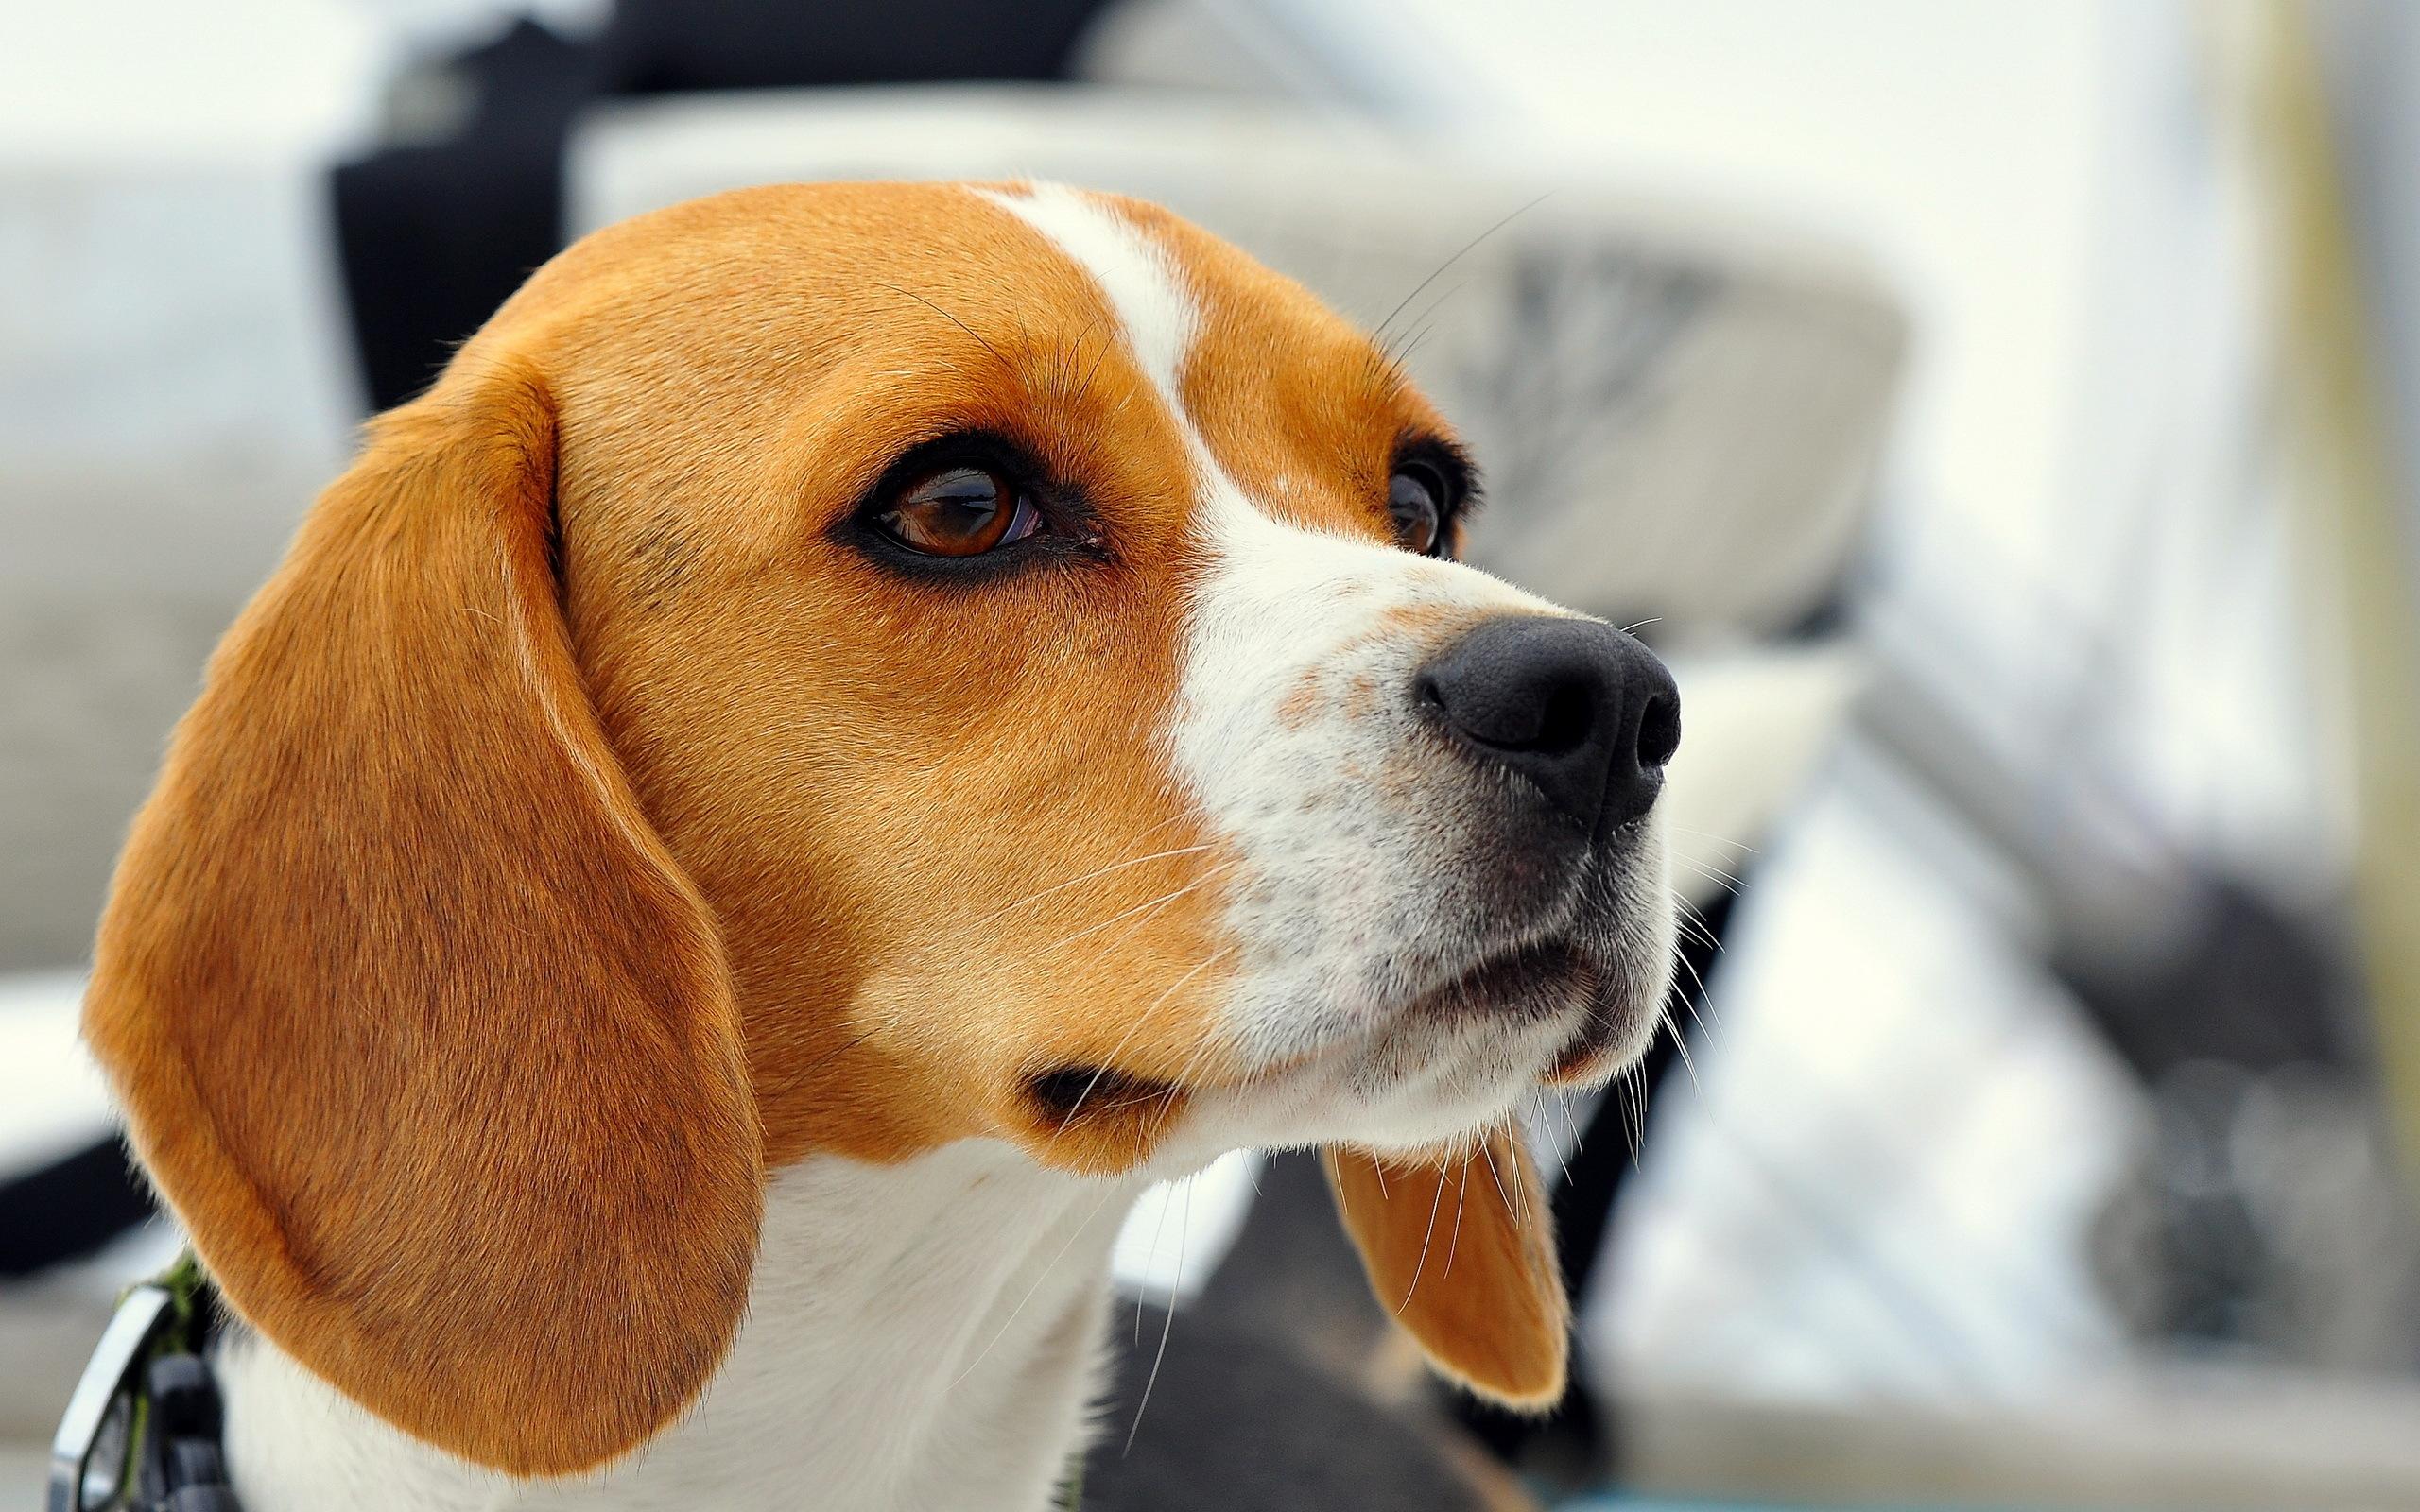 собака мордочка уши  № 1069361 бесплатно